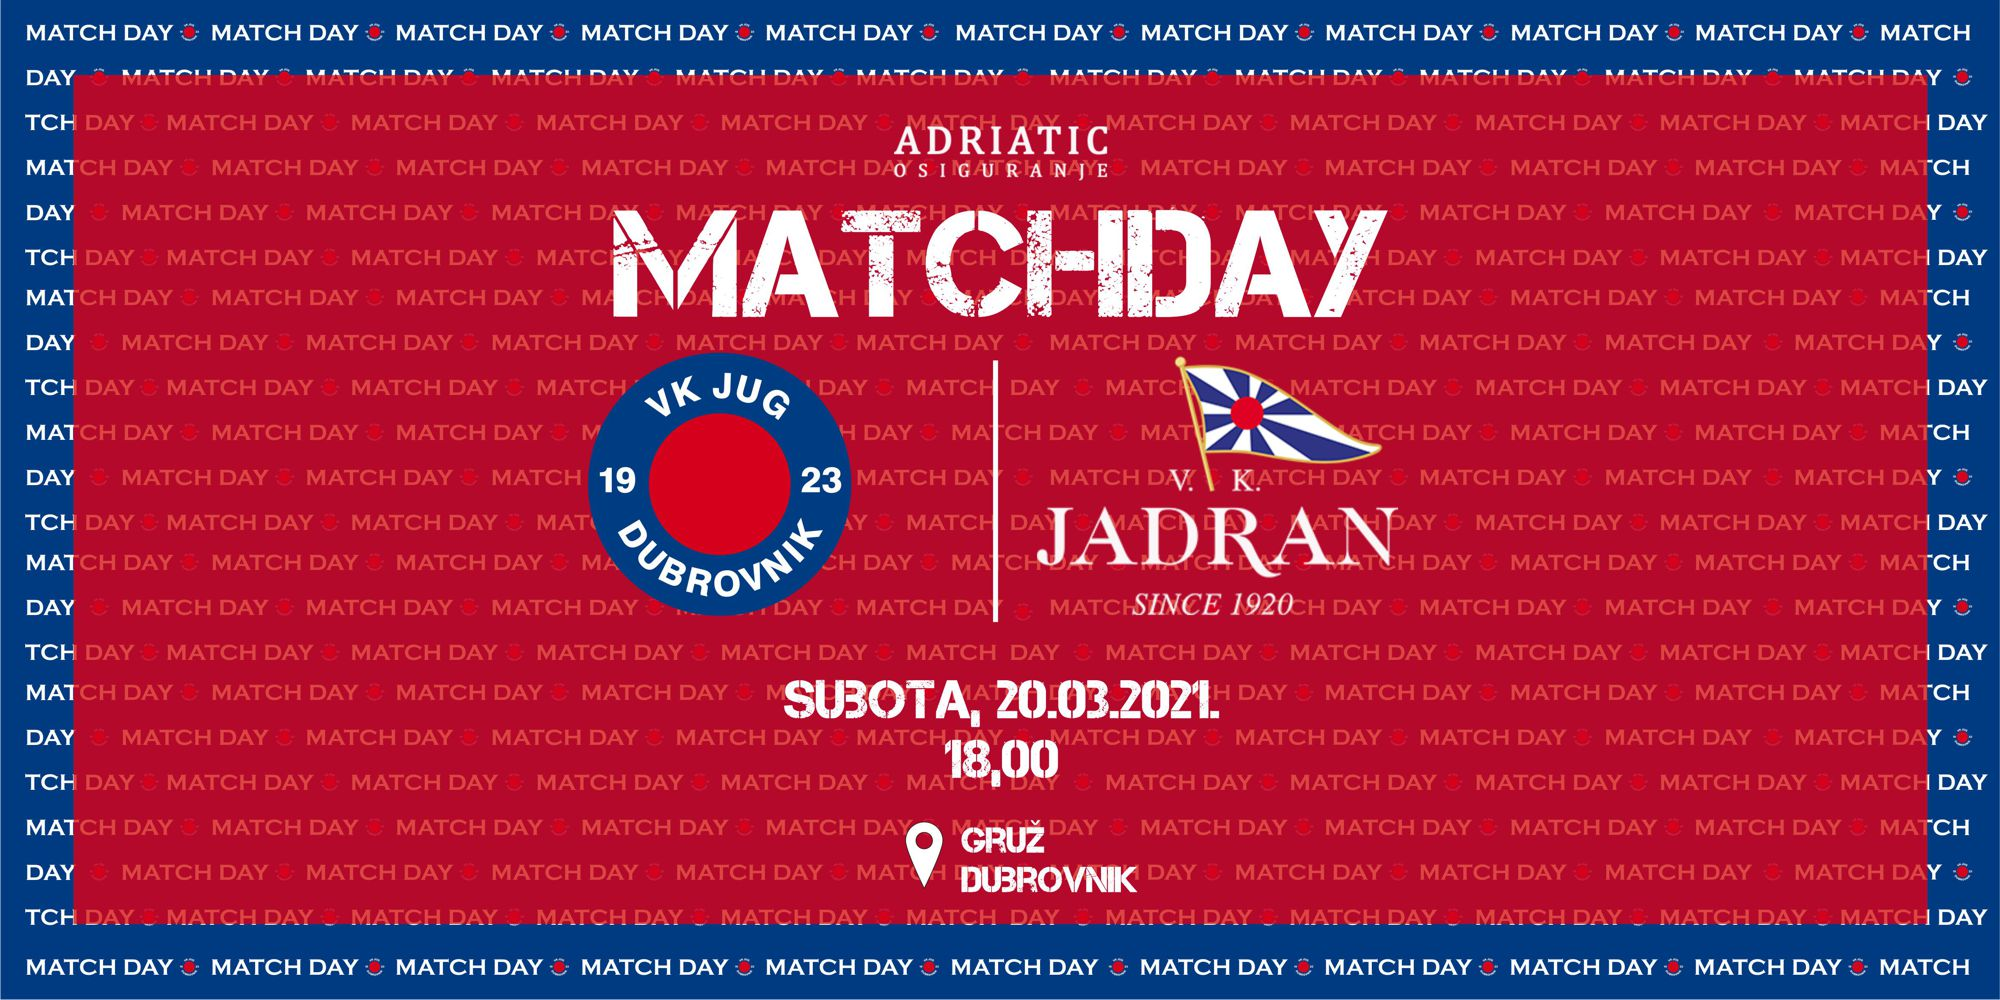 jadran mday web